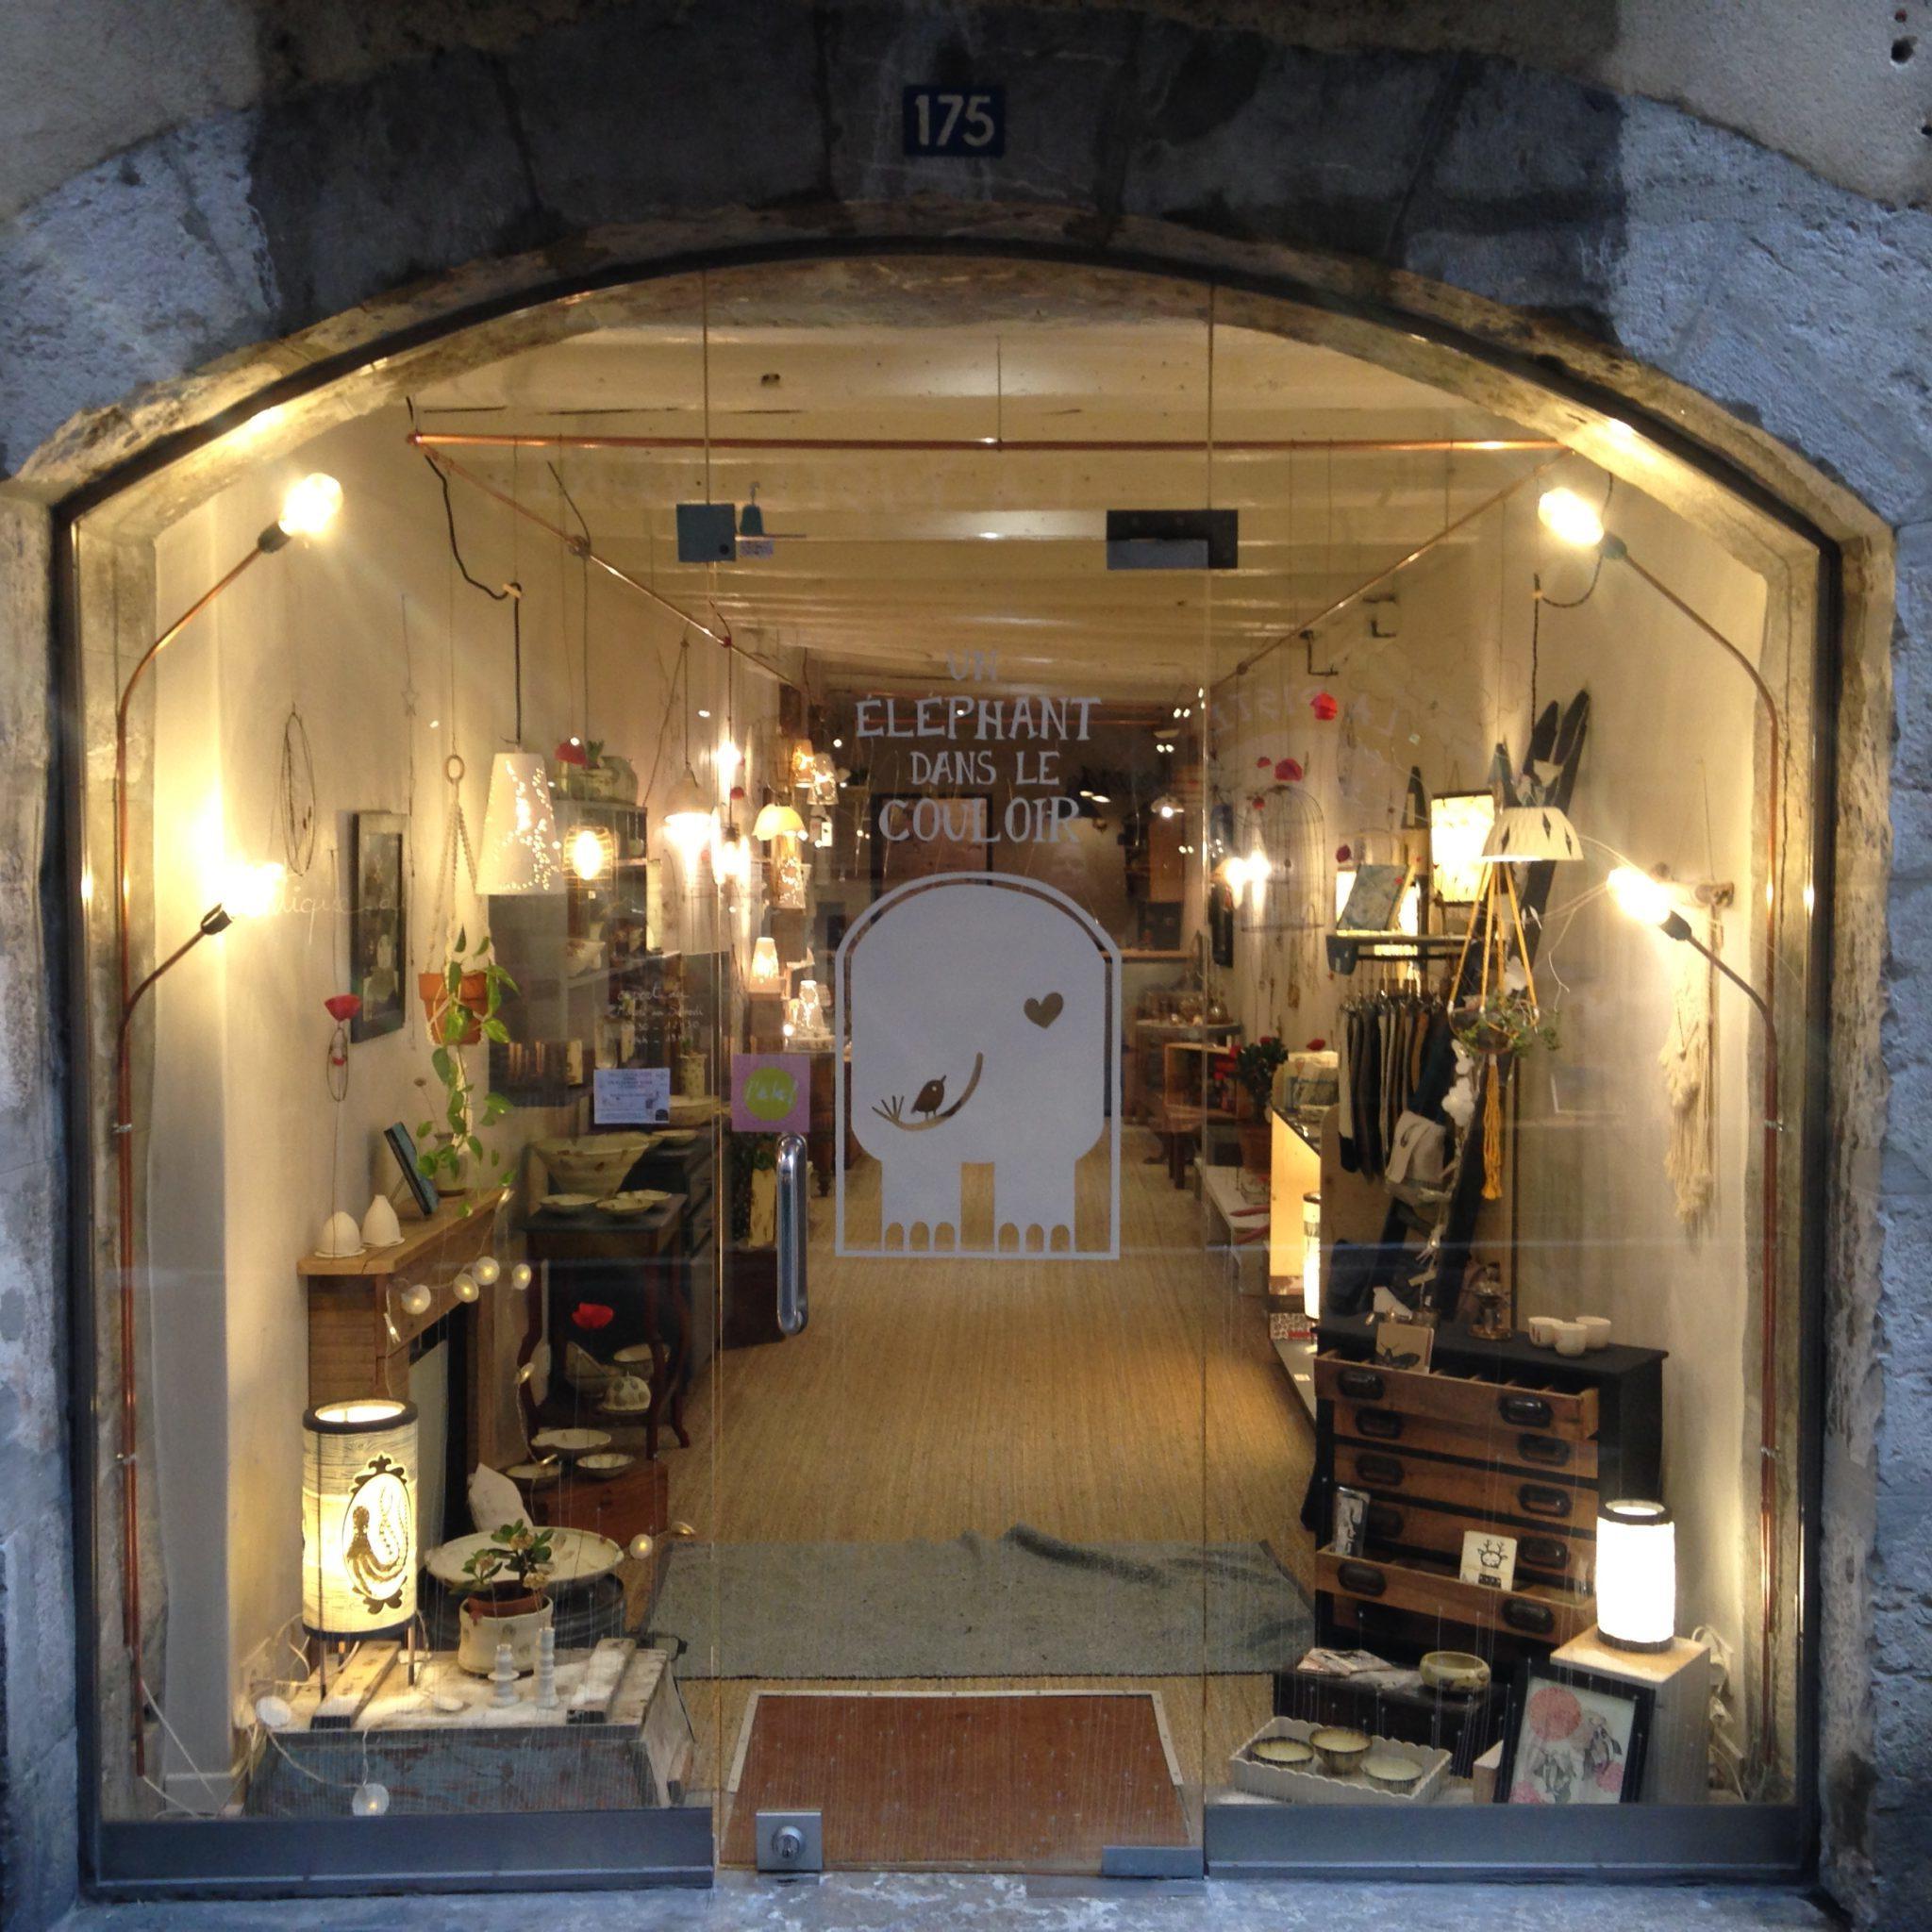 LinoLino | Linogravure et créations à partir d'impressions artisanales | Chambéry, France | Boutique créateurs Un éléphant dans le couloir, Chambéry